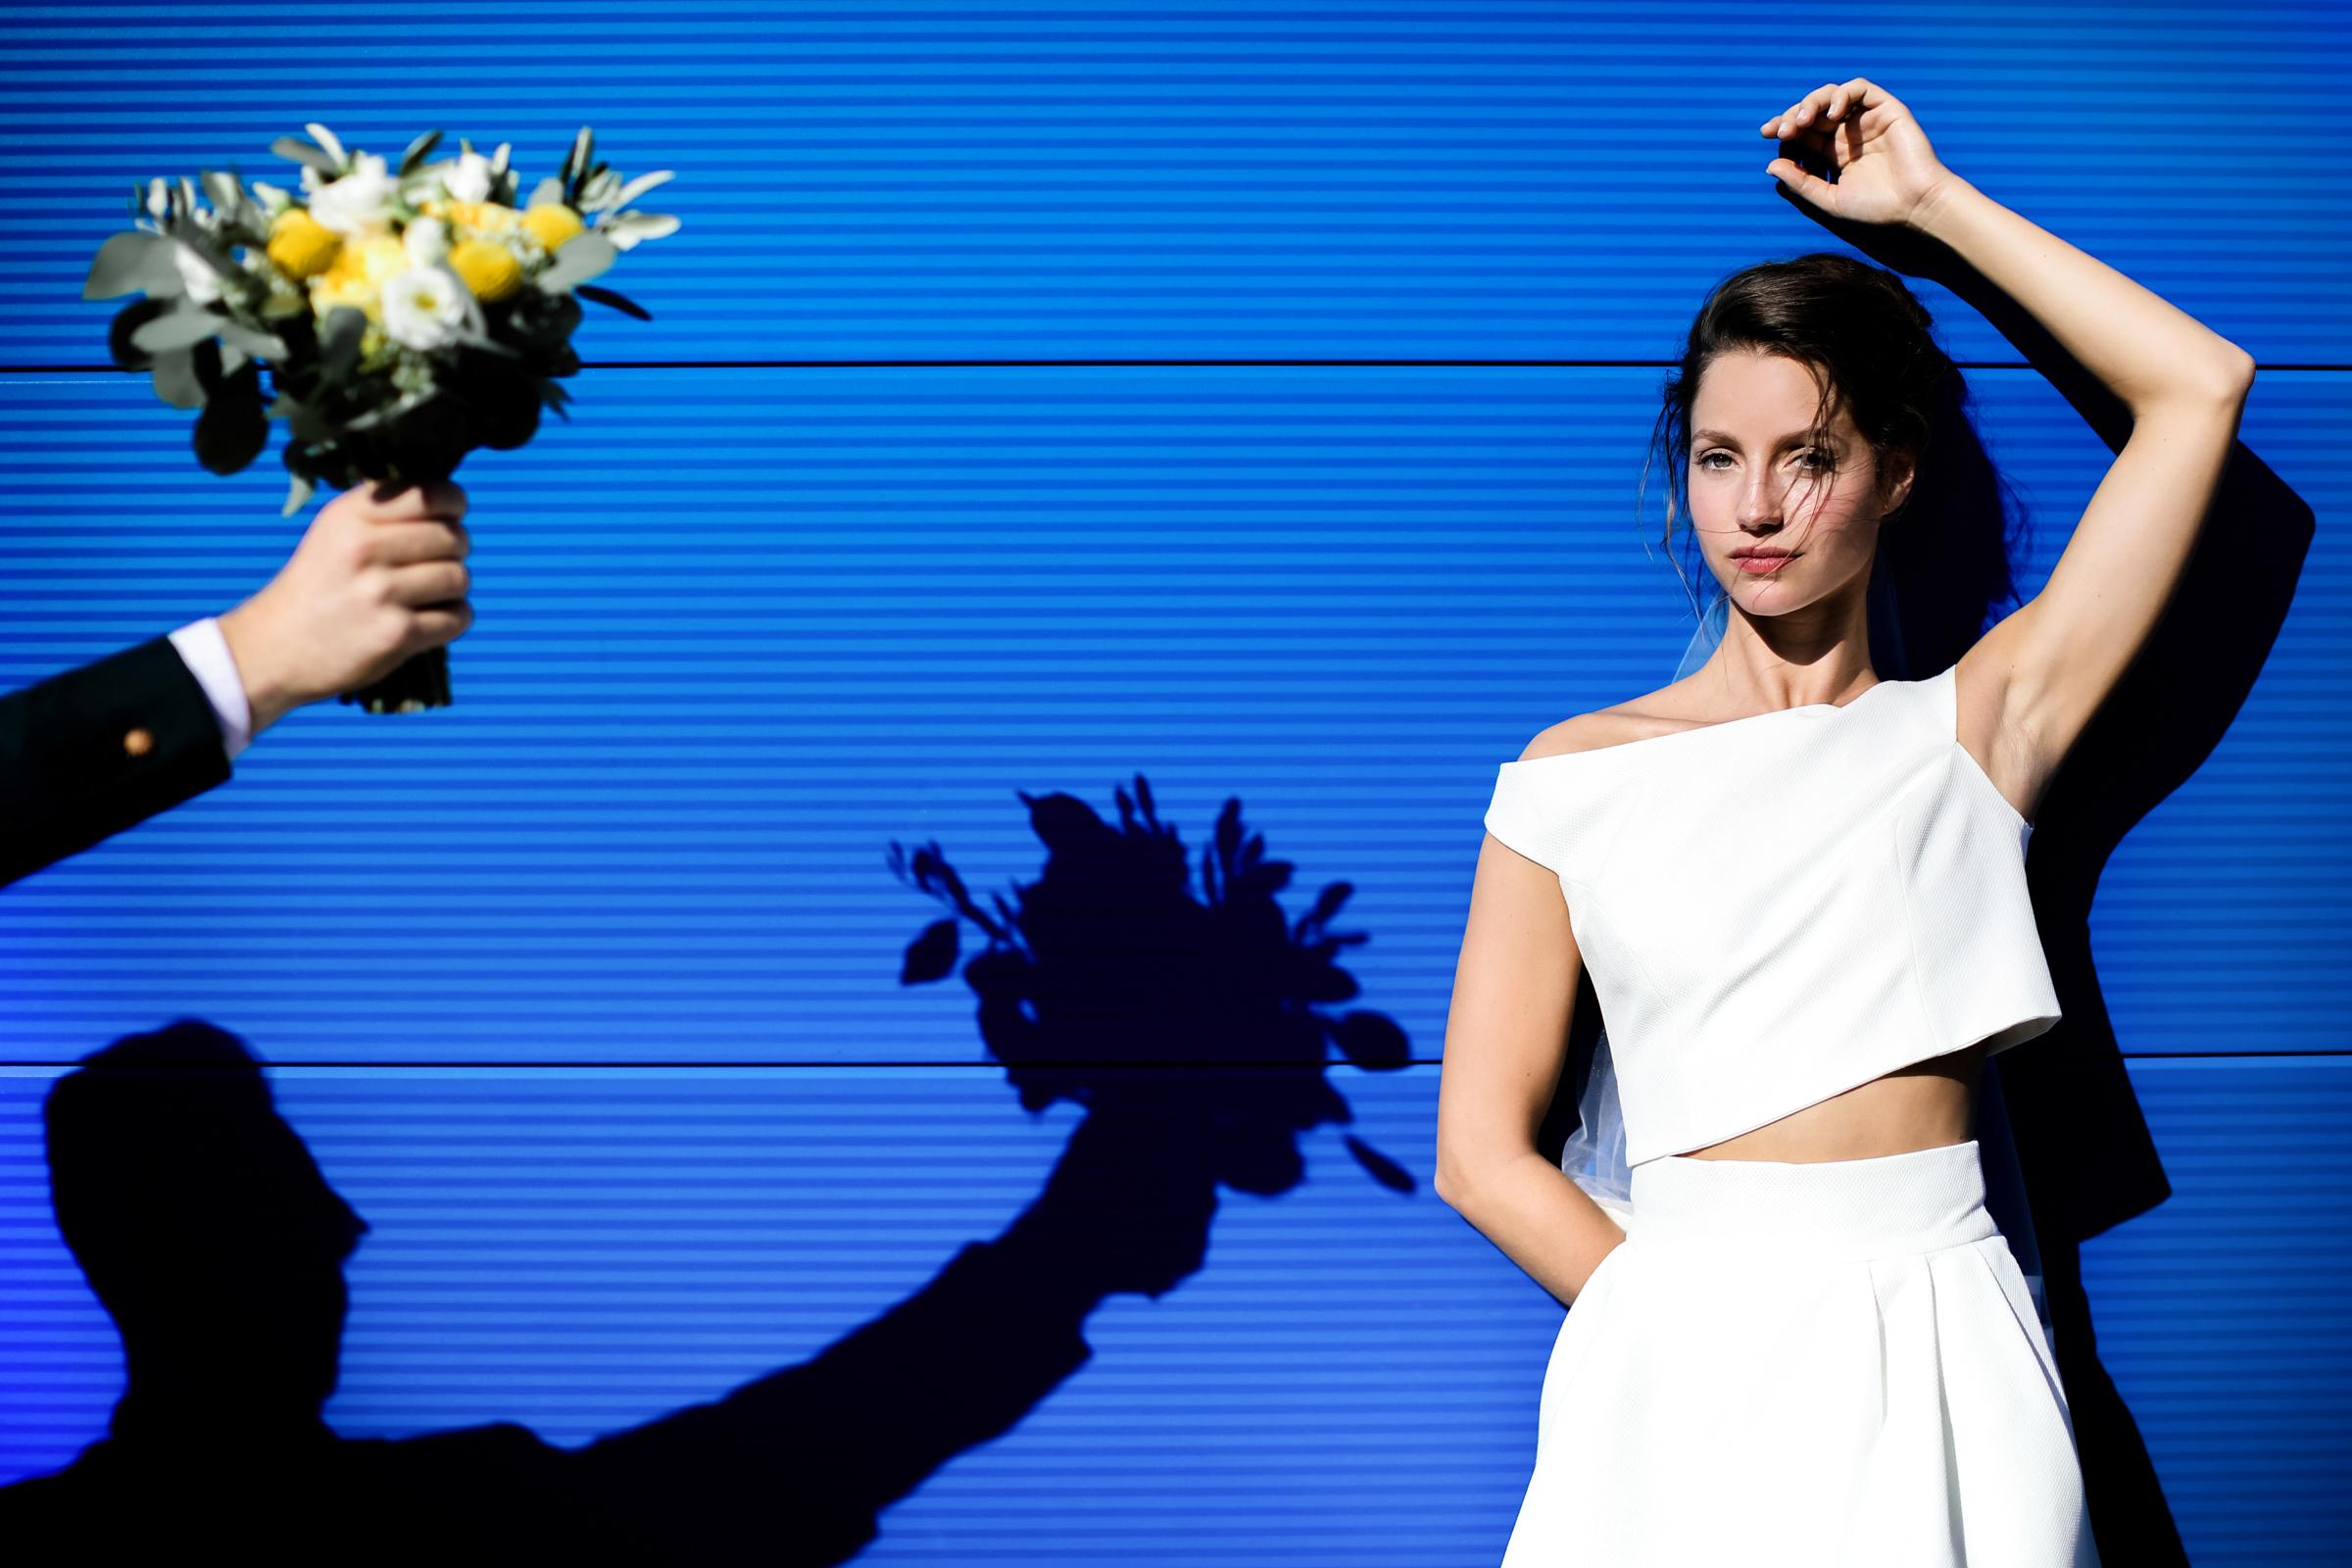 Geometric bride portrait with bouquet - photo by Julien Laurent-Georges